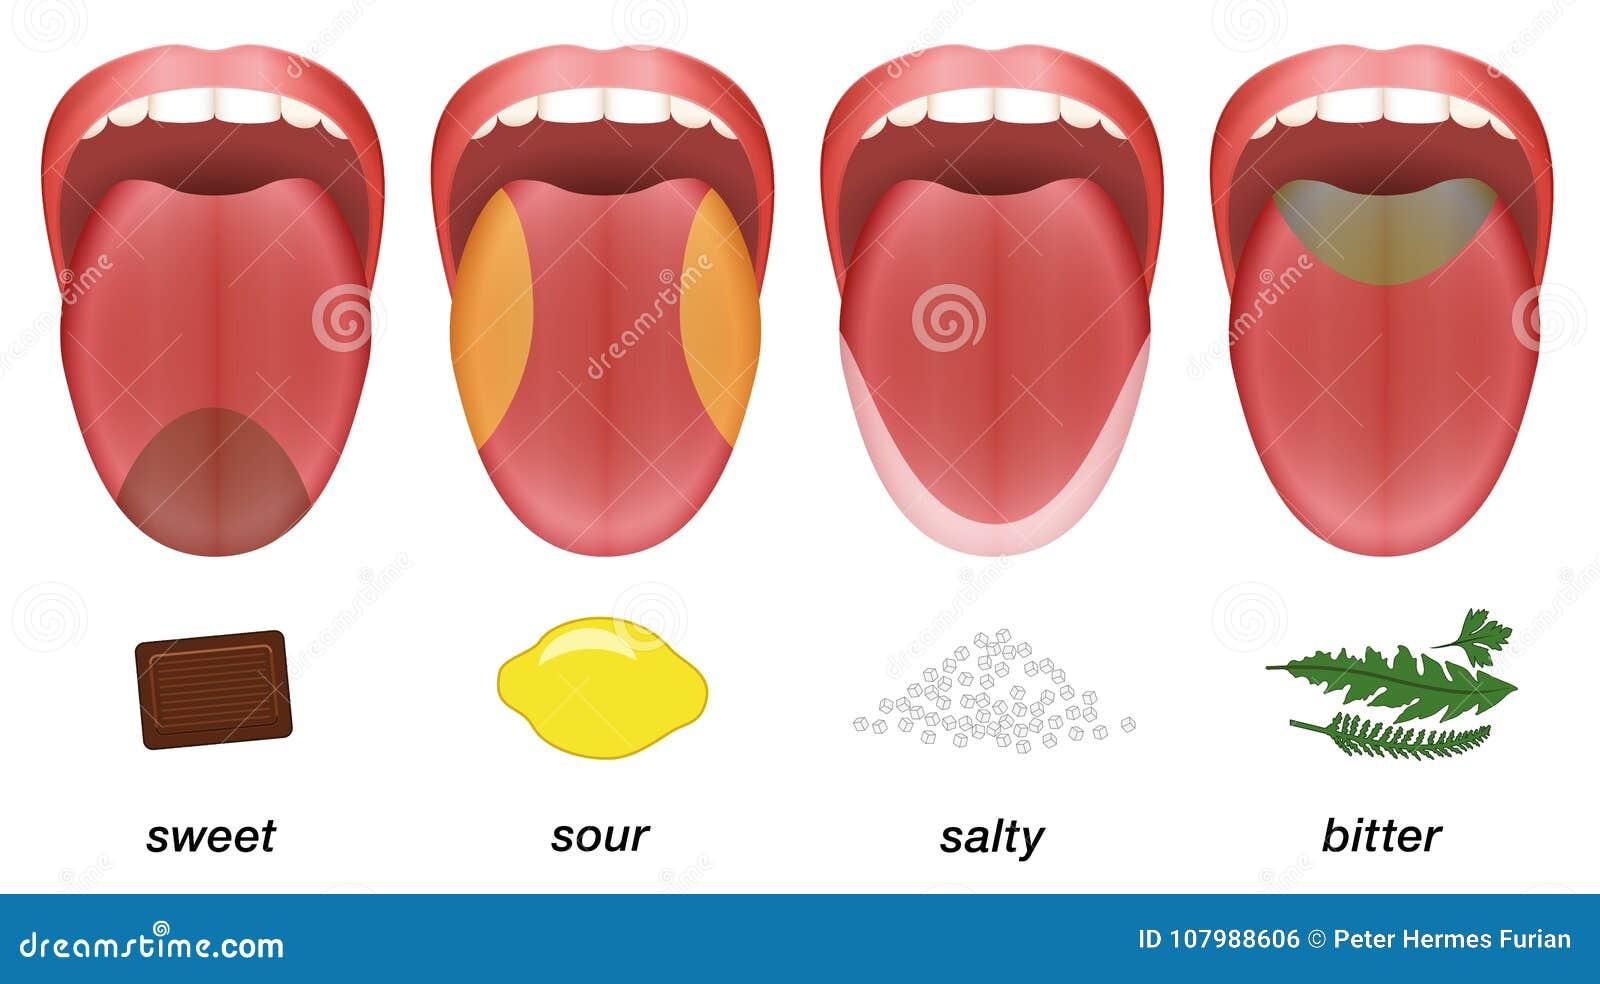 Fantastisch Papillen Auf Der Zunge Ideen - Anatomie Von Menschlichen ...